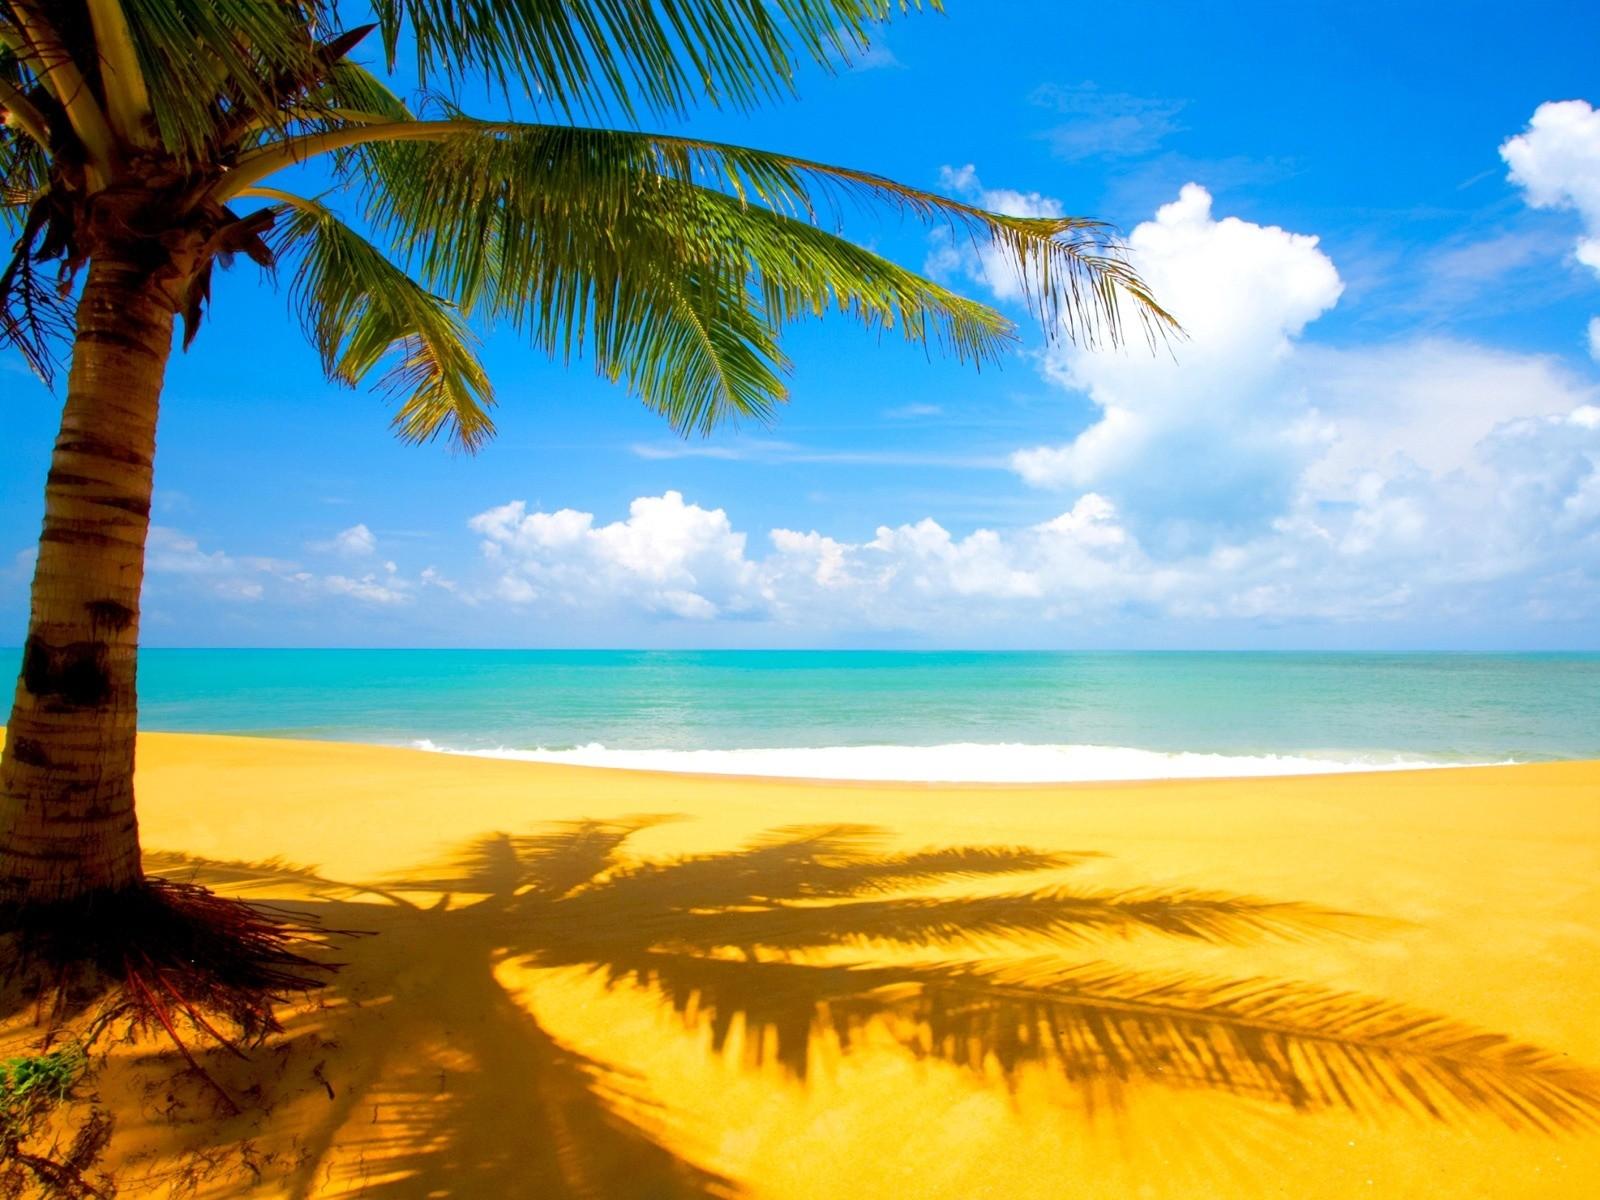 Море пейзаж берег горизонт